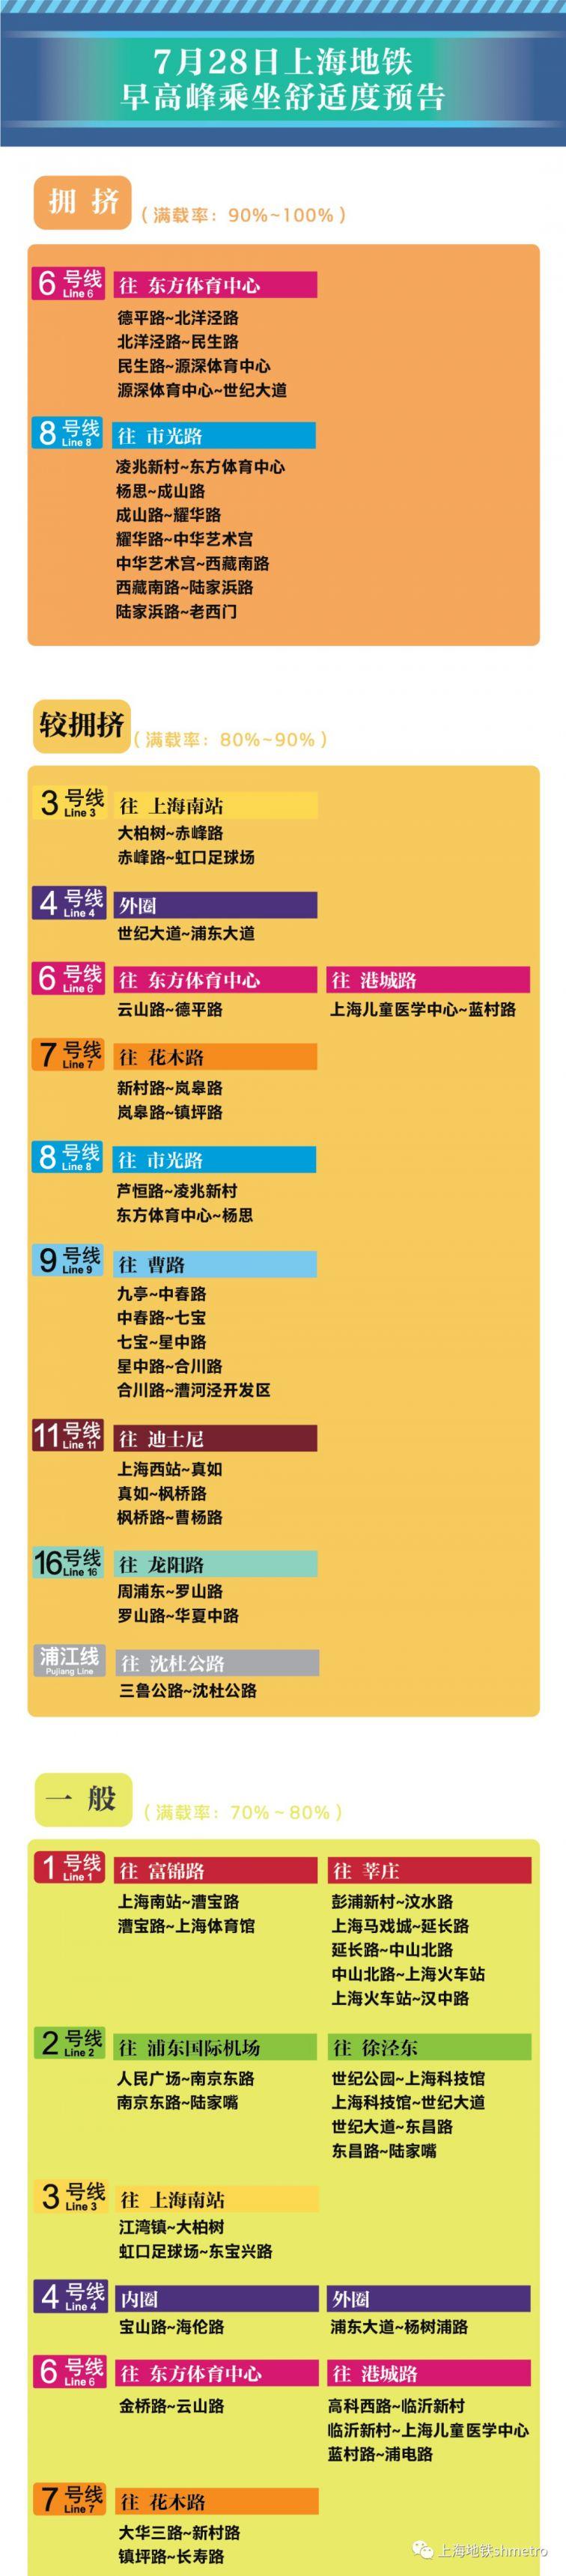 7月28日上海11座地铁站早高峰限流 (附舒适度预告)